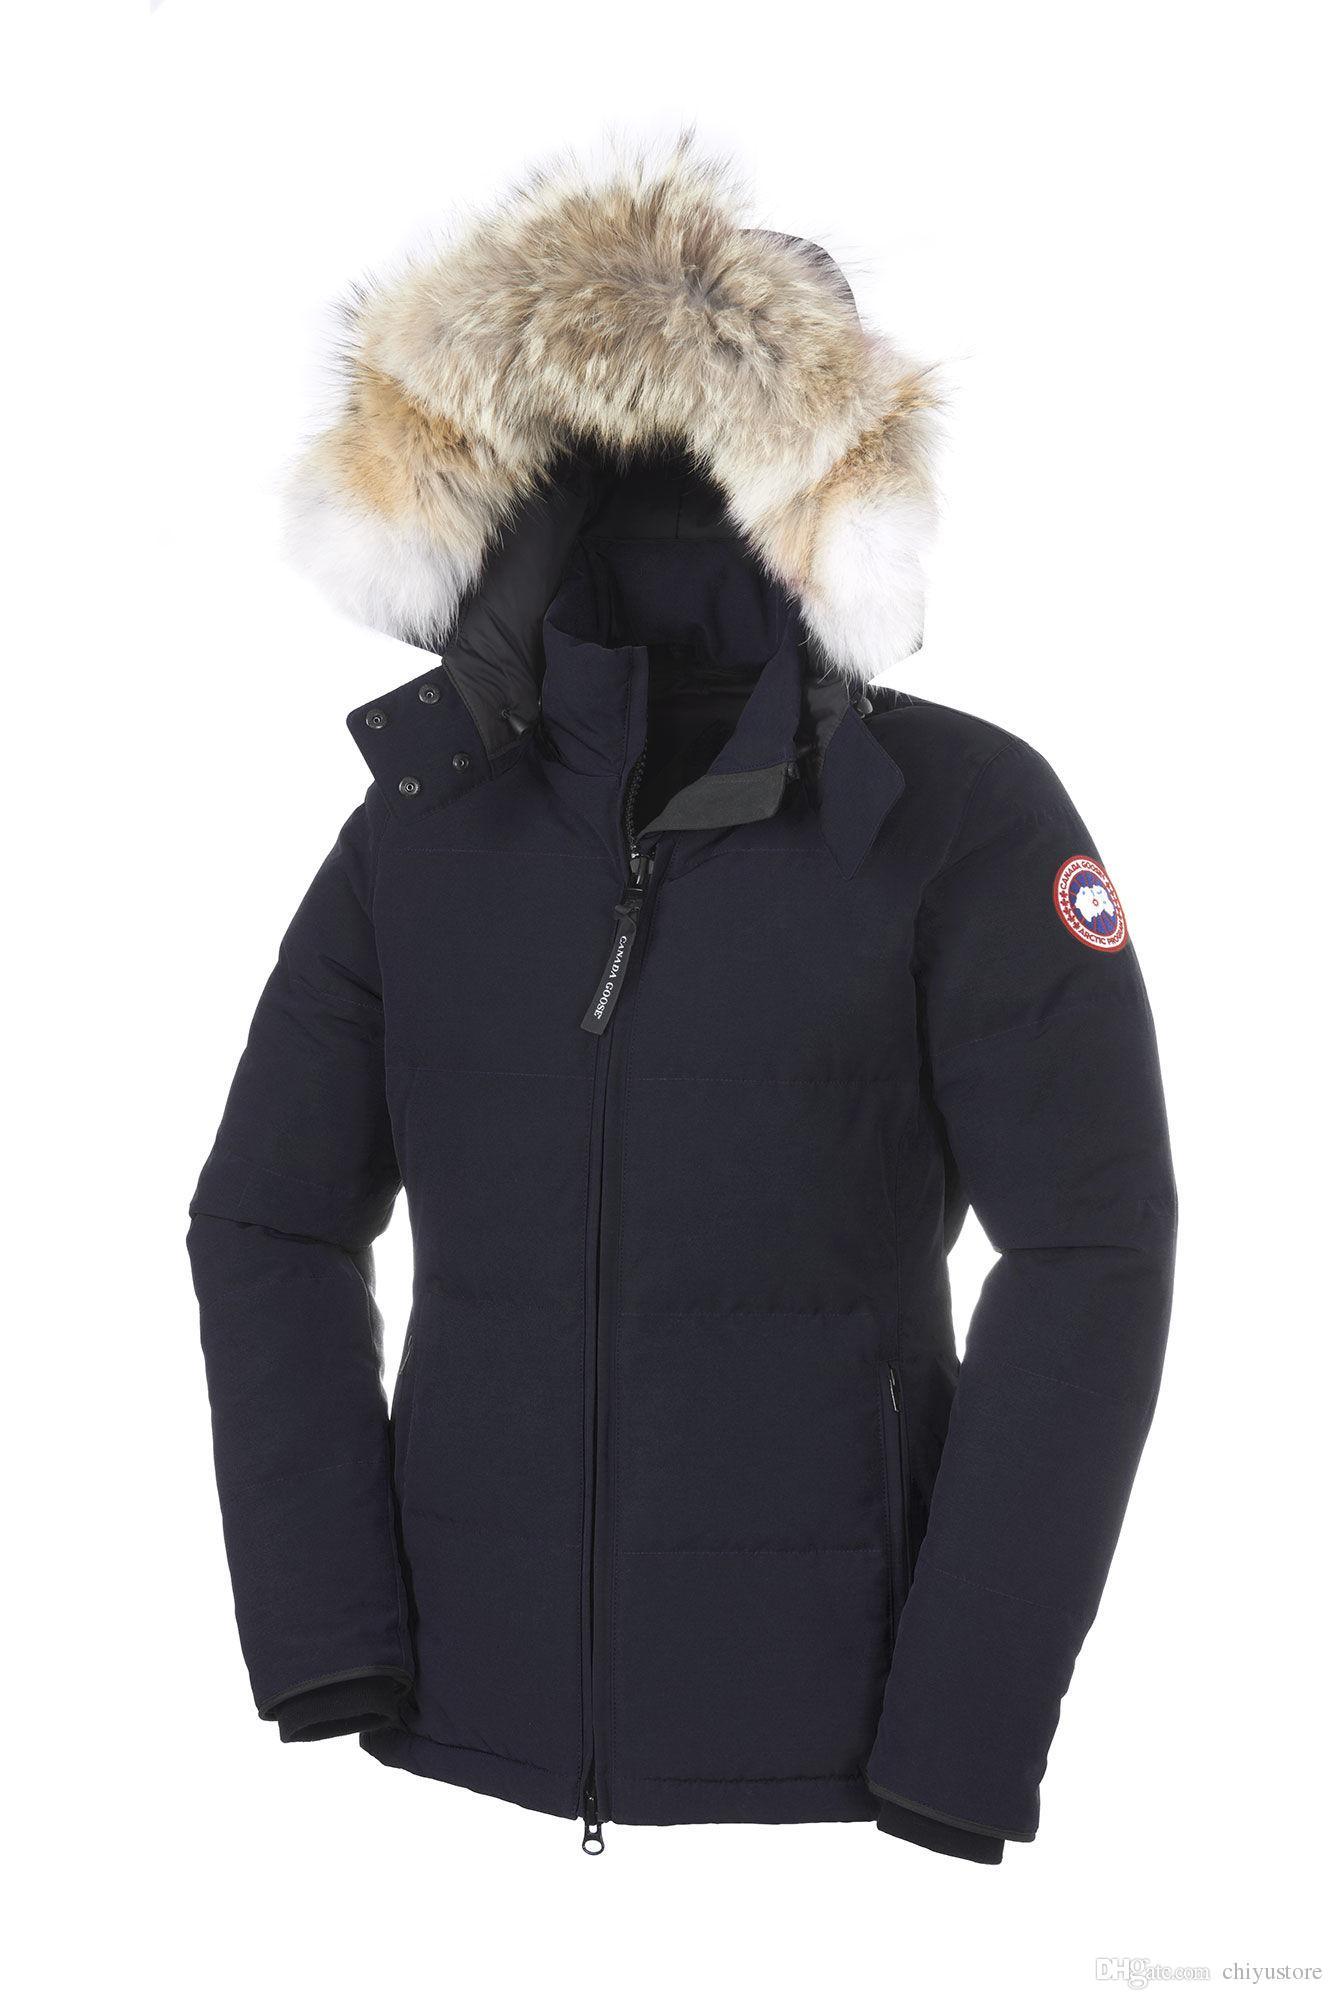 Manteau Parka Doudoune Limited Extérieure Chelsea Femmes Edition Dhl Goose Parkas Blue Vestes Canada Livraison Gratuite De Classique Dark Acheter RcPqY4